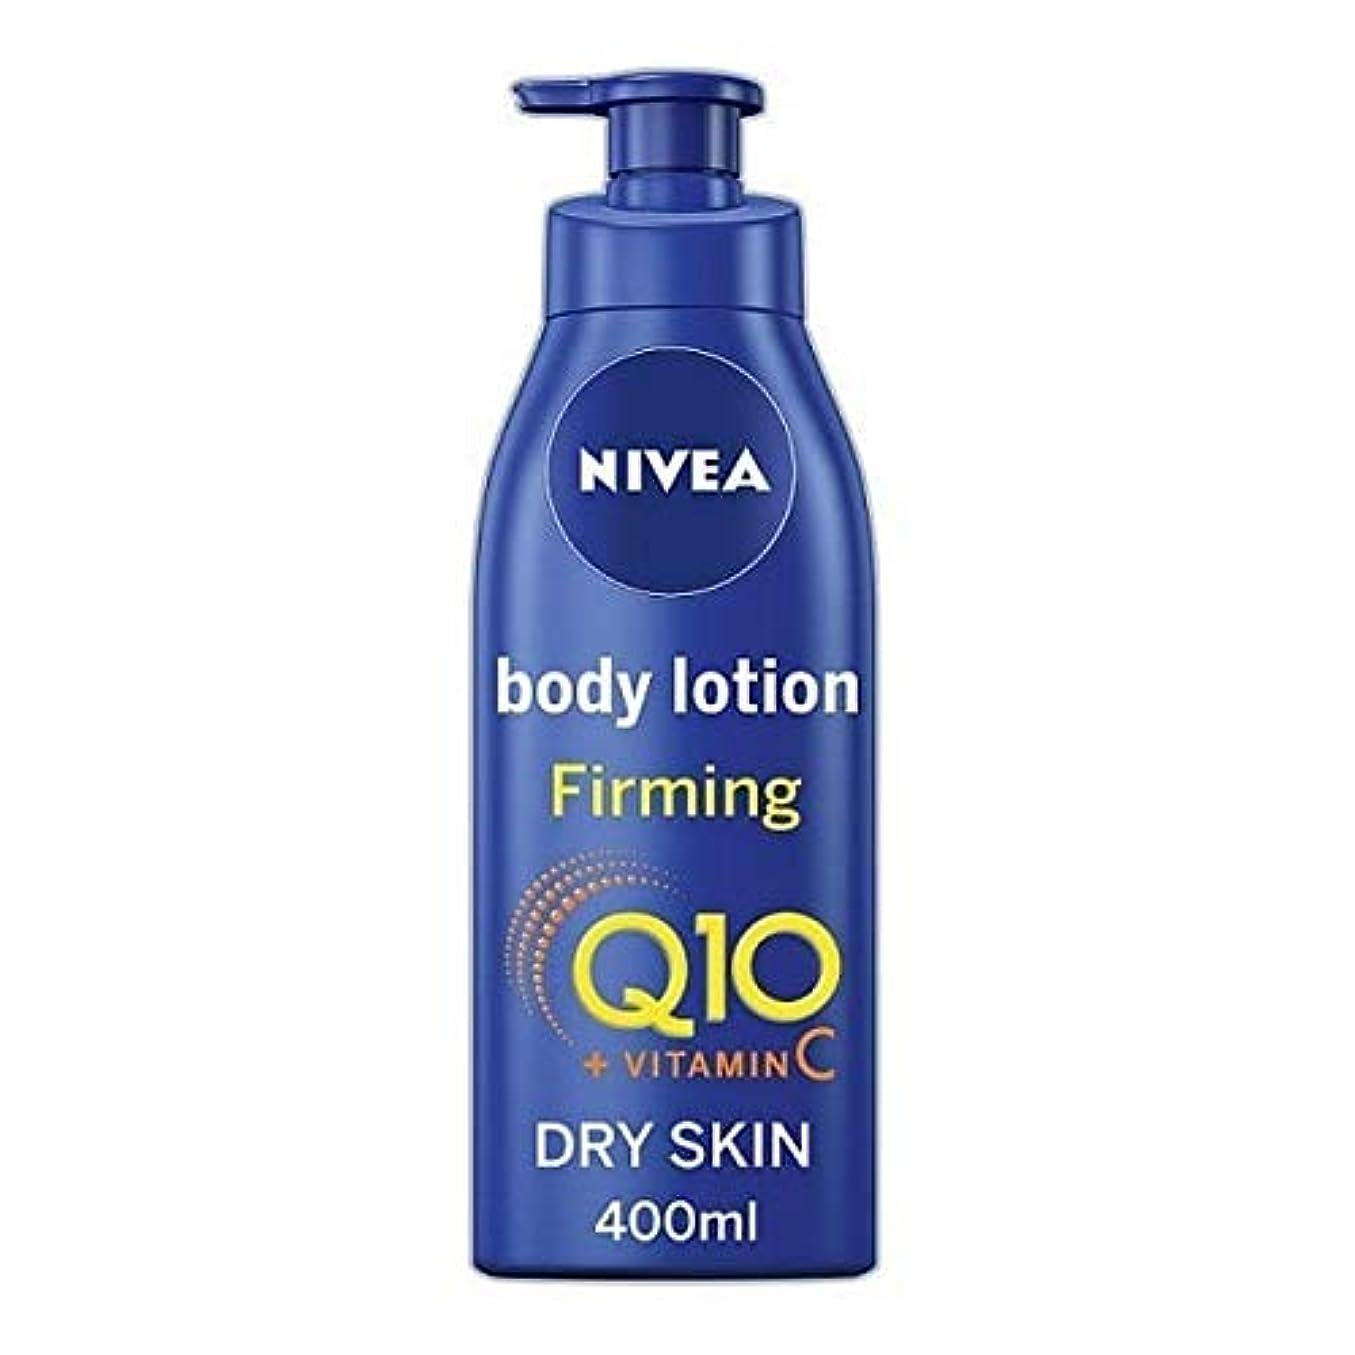 セメント気づく米ドル[Nivea ] 乾燥肌、400ミリリットルのためのニベアQ10ビタミンCファーミングボディローション - NIVEA Q10 Vitamin C Firming Body Lotion for Dry Skin, 400ml...